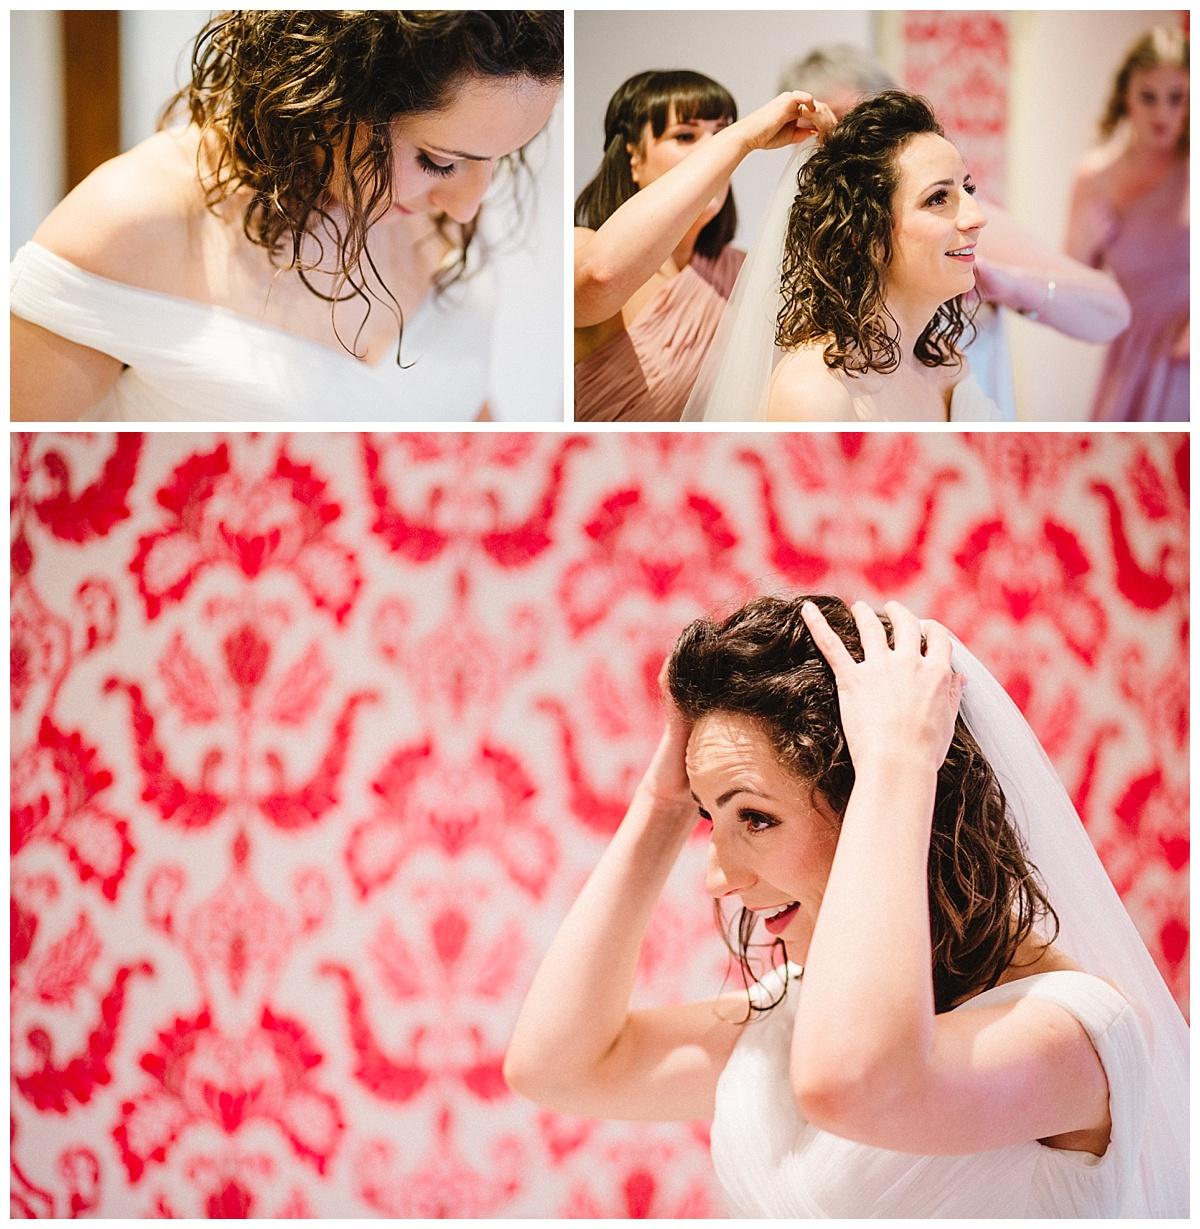 a bride getting ready at a barn wedding